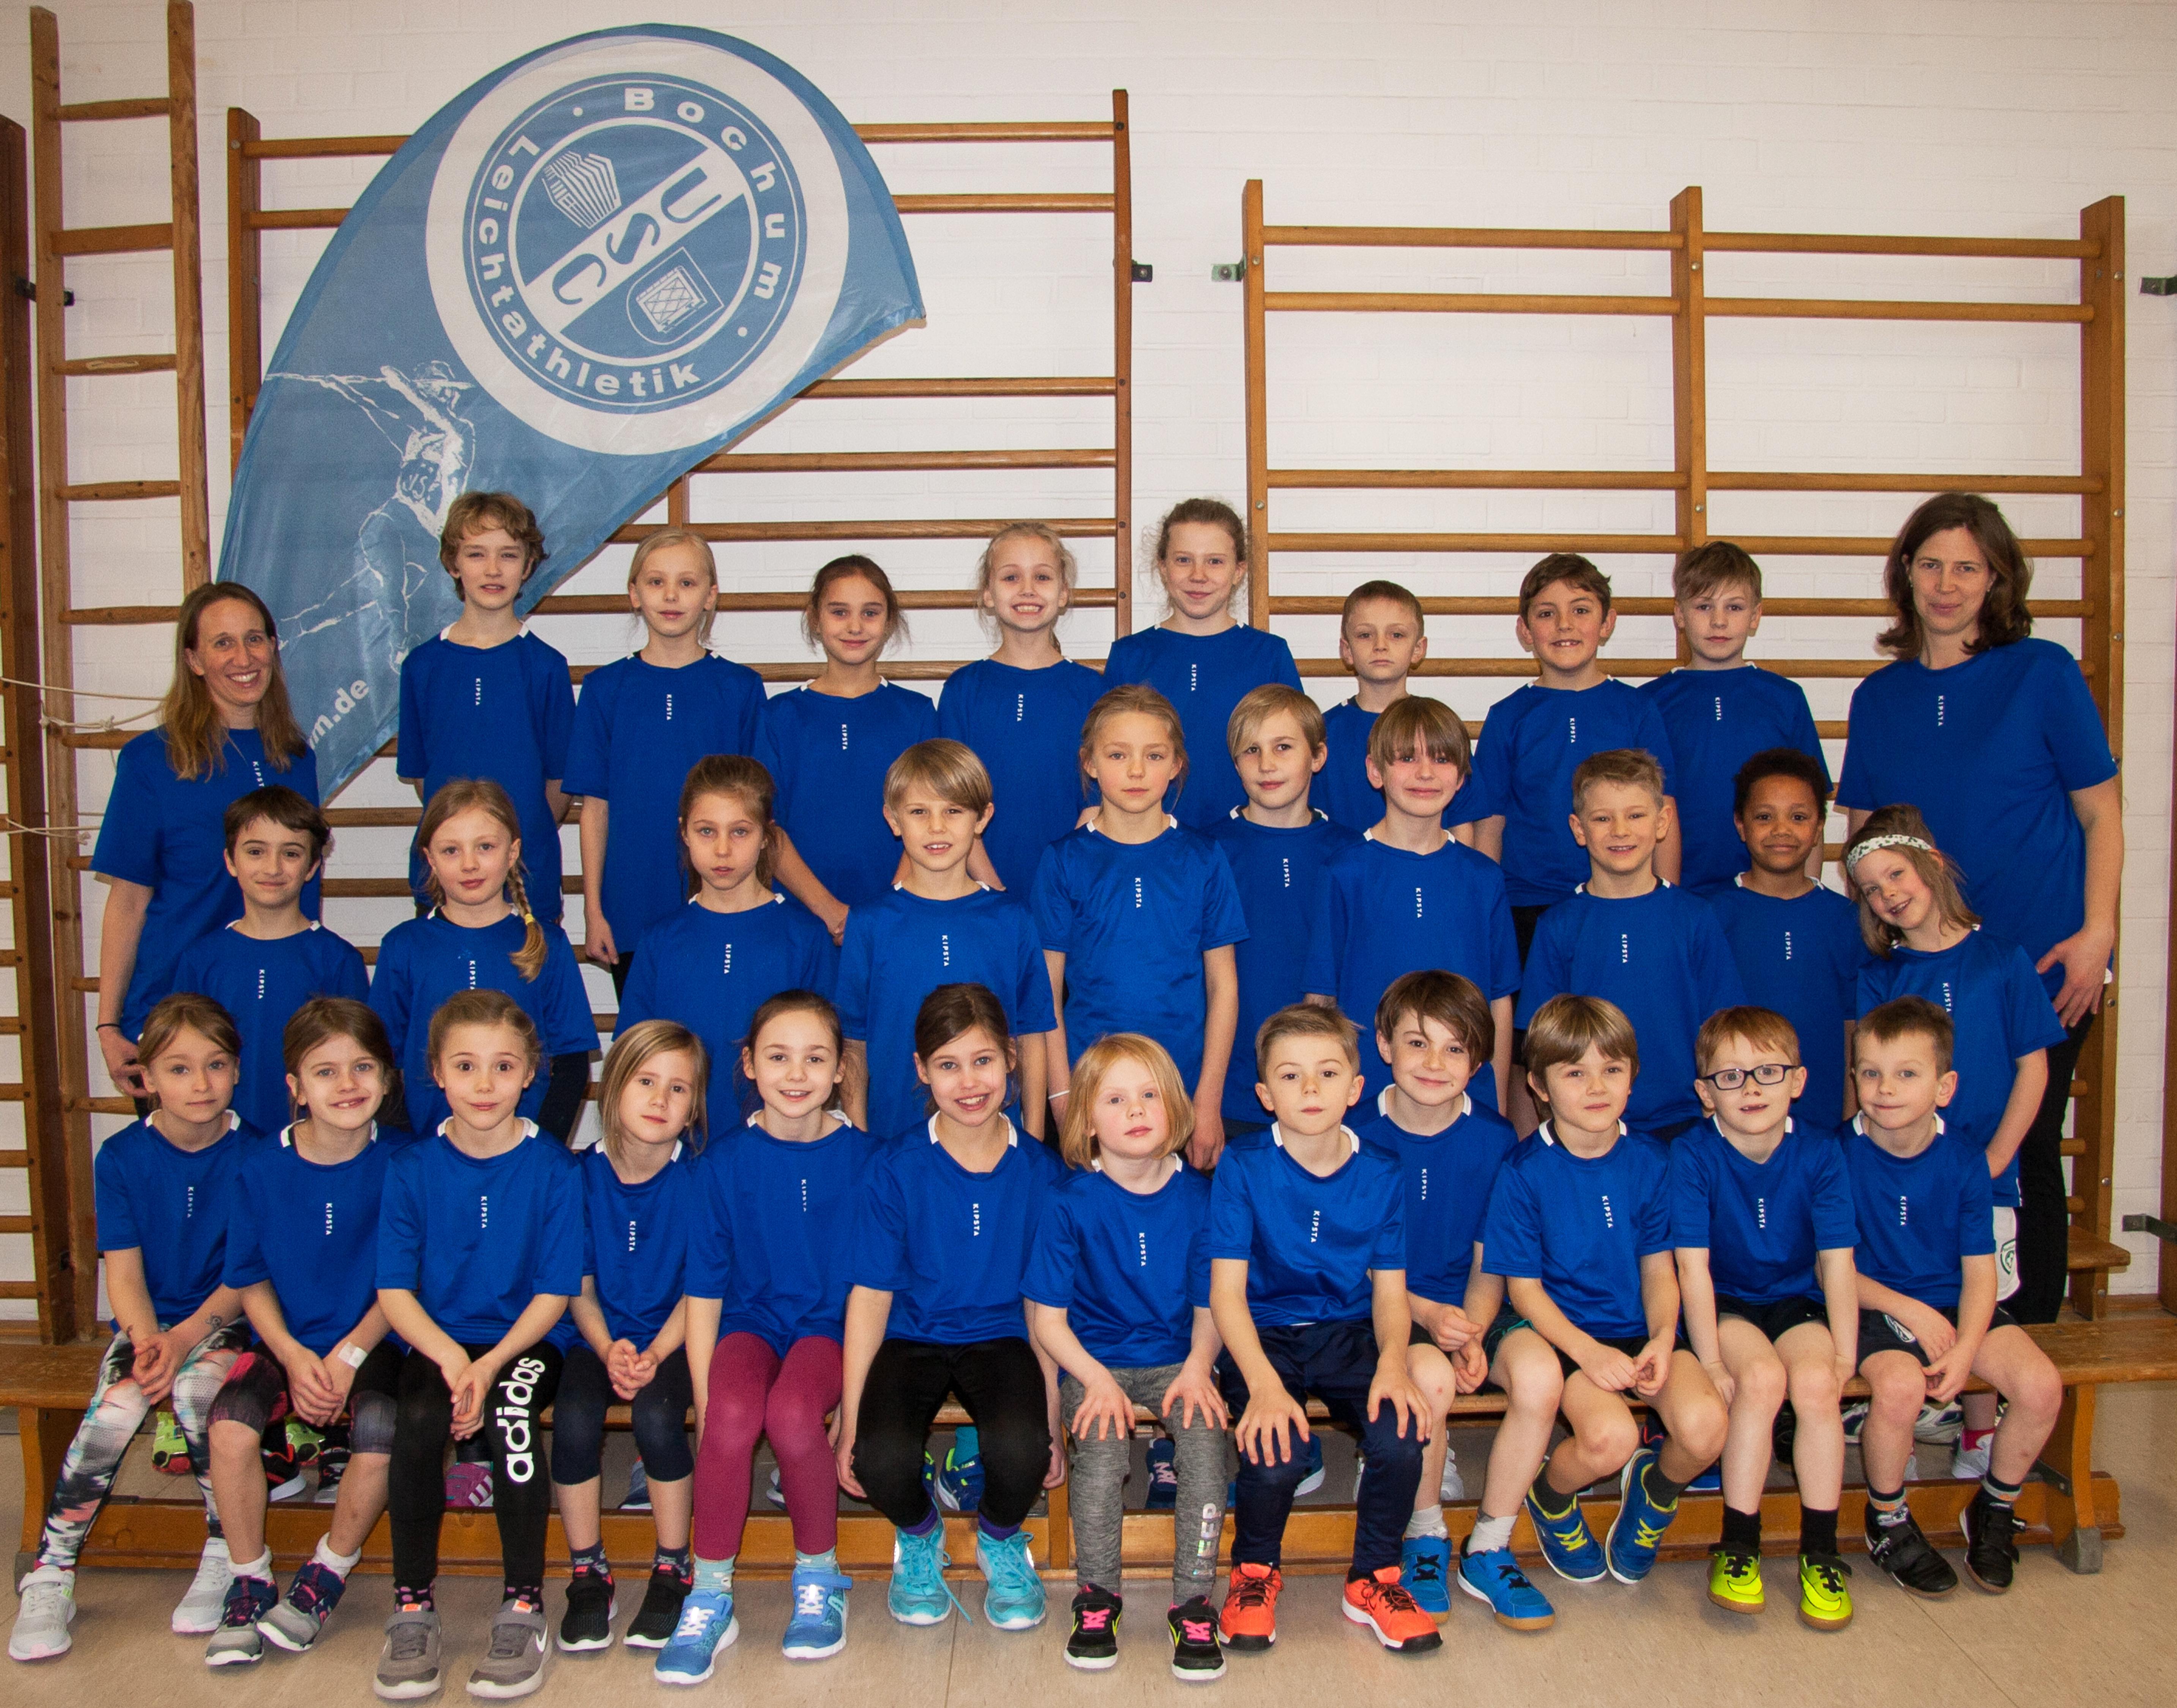 Brenscheder Schule - M- f-2019-03-16--7647